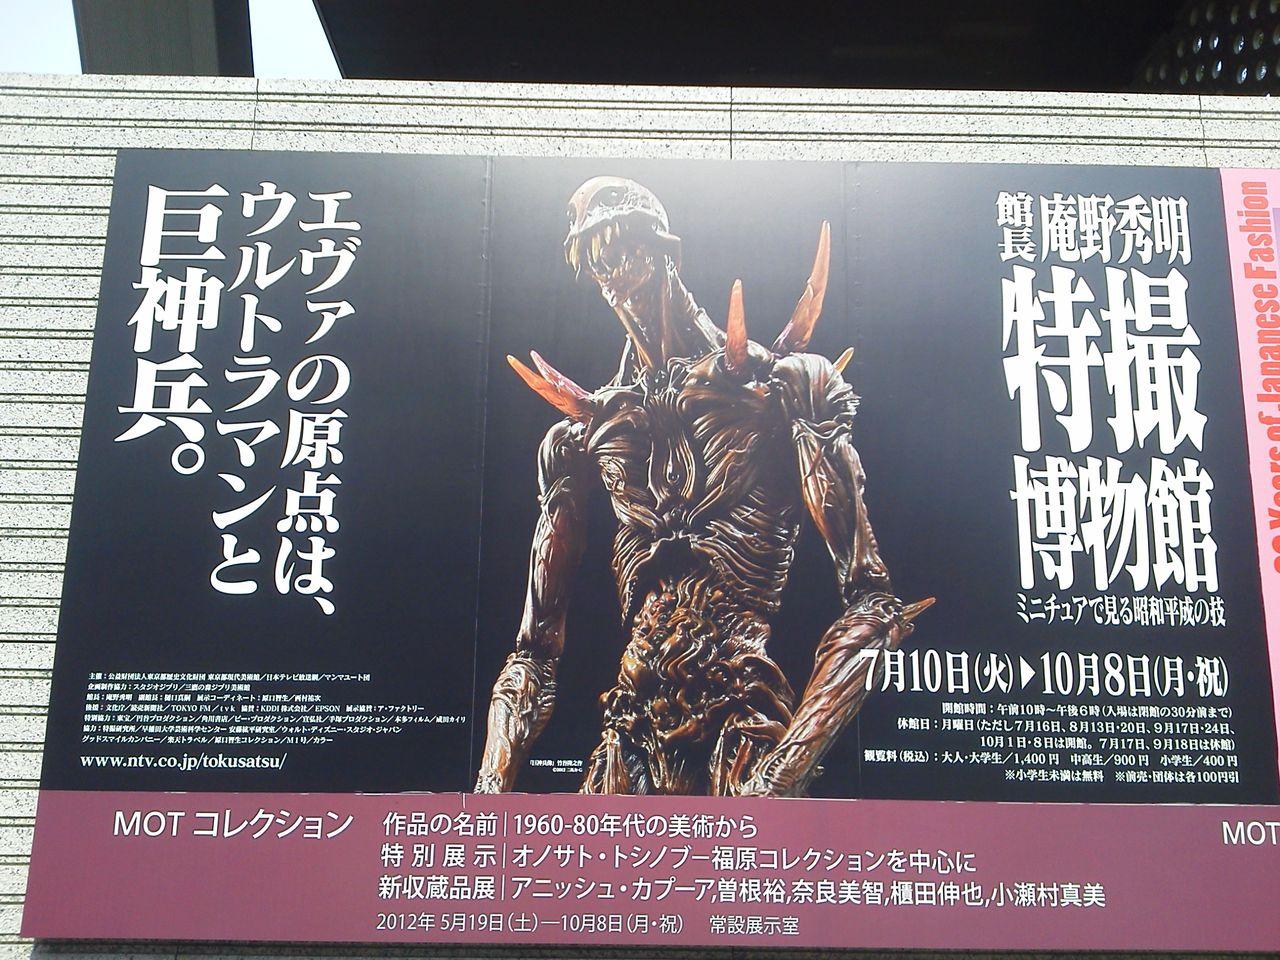 映畫とJ-POPの日々:『巨神兵東京に現わる』 2012年99本目 ...